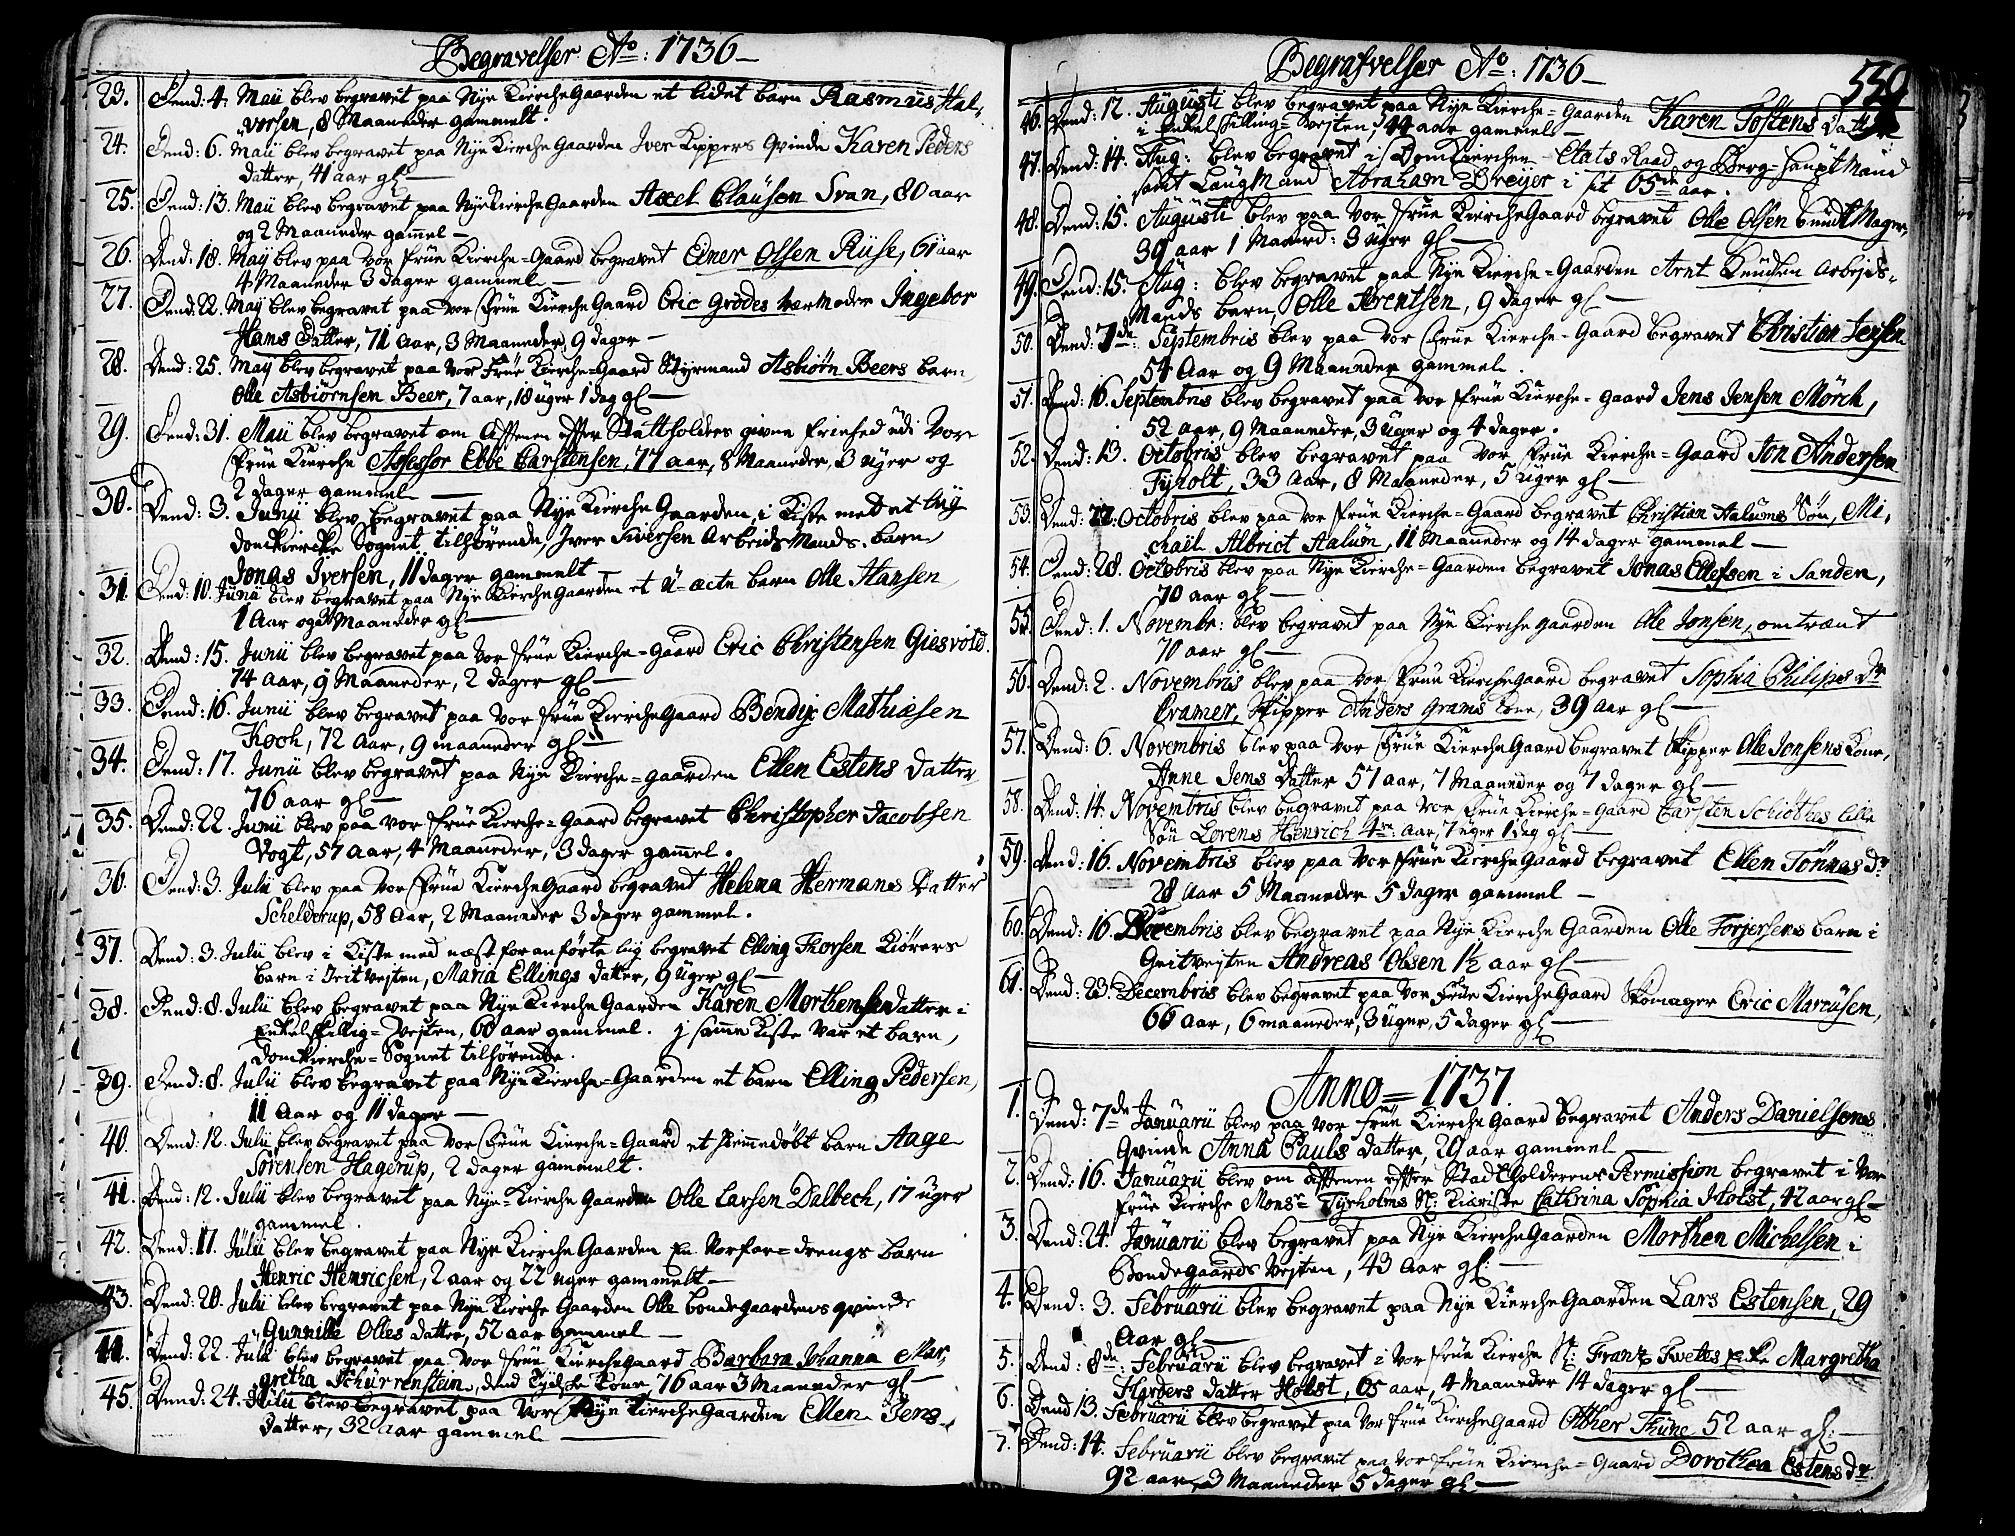 SAT, Ministerialprotokoller, klokkerbøker og fødselsregistre - Sør-Trøndelag, 602/L0103: Ministerialbok nr. 602A01, 1732-1774, s. 559